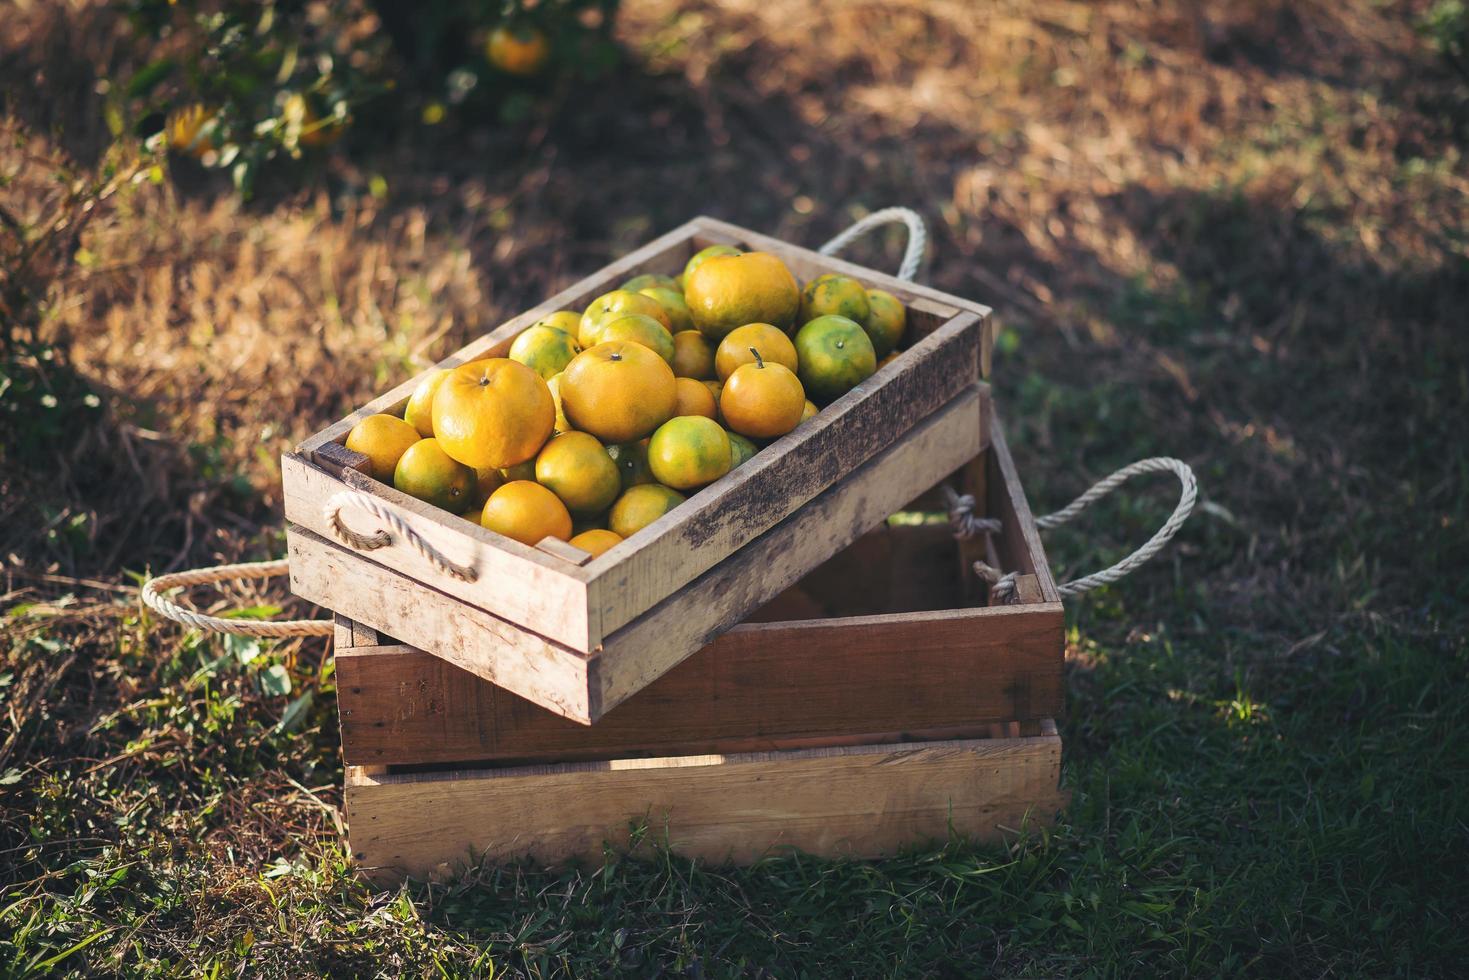 laranjas recém colhidas foto